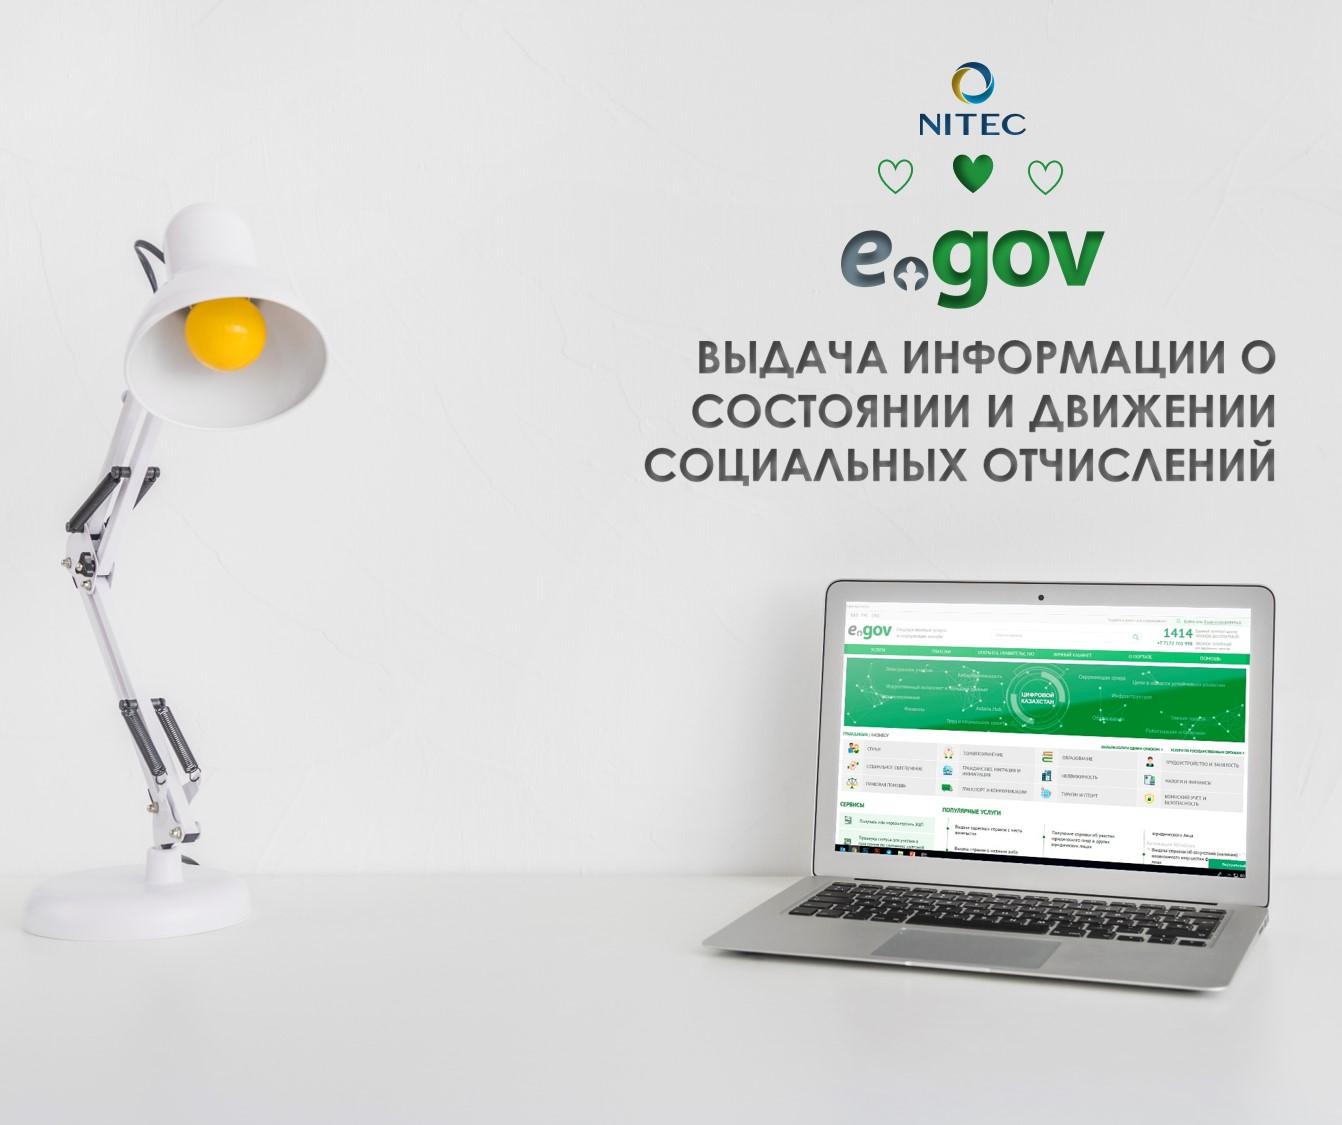 Выдача участнику системы обязательного социального страхования информации о состоянии и движении социальных отчислений